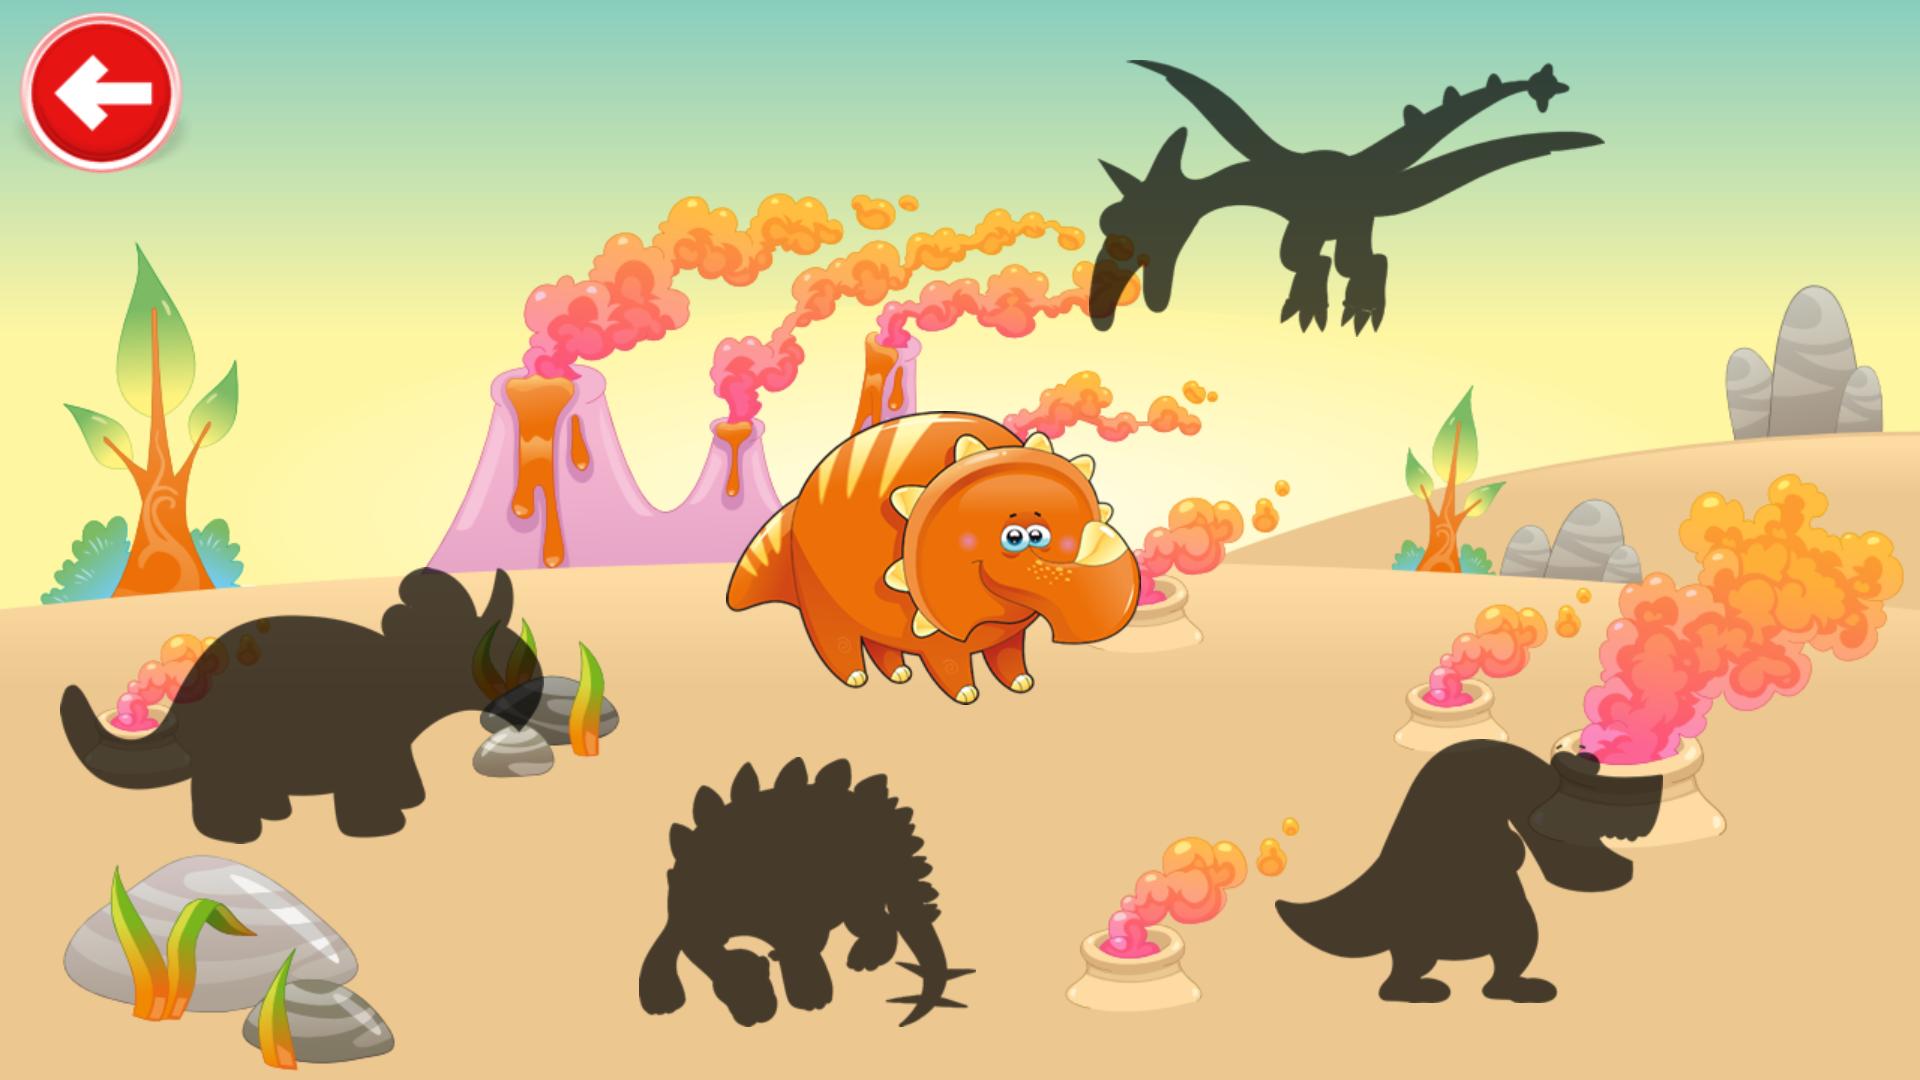 儿童简画恐龙步骤